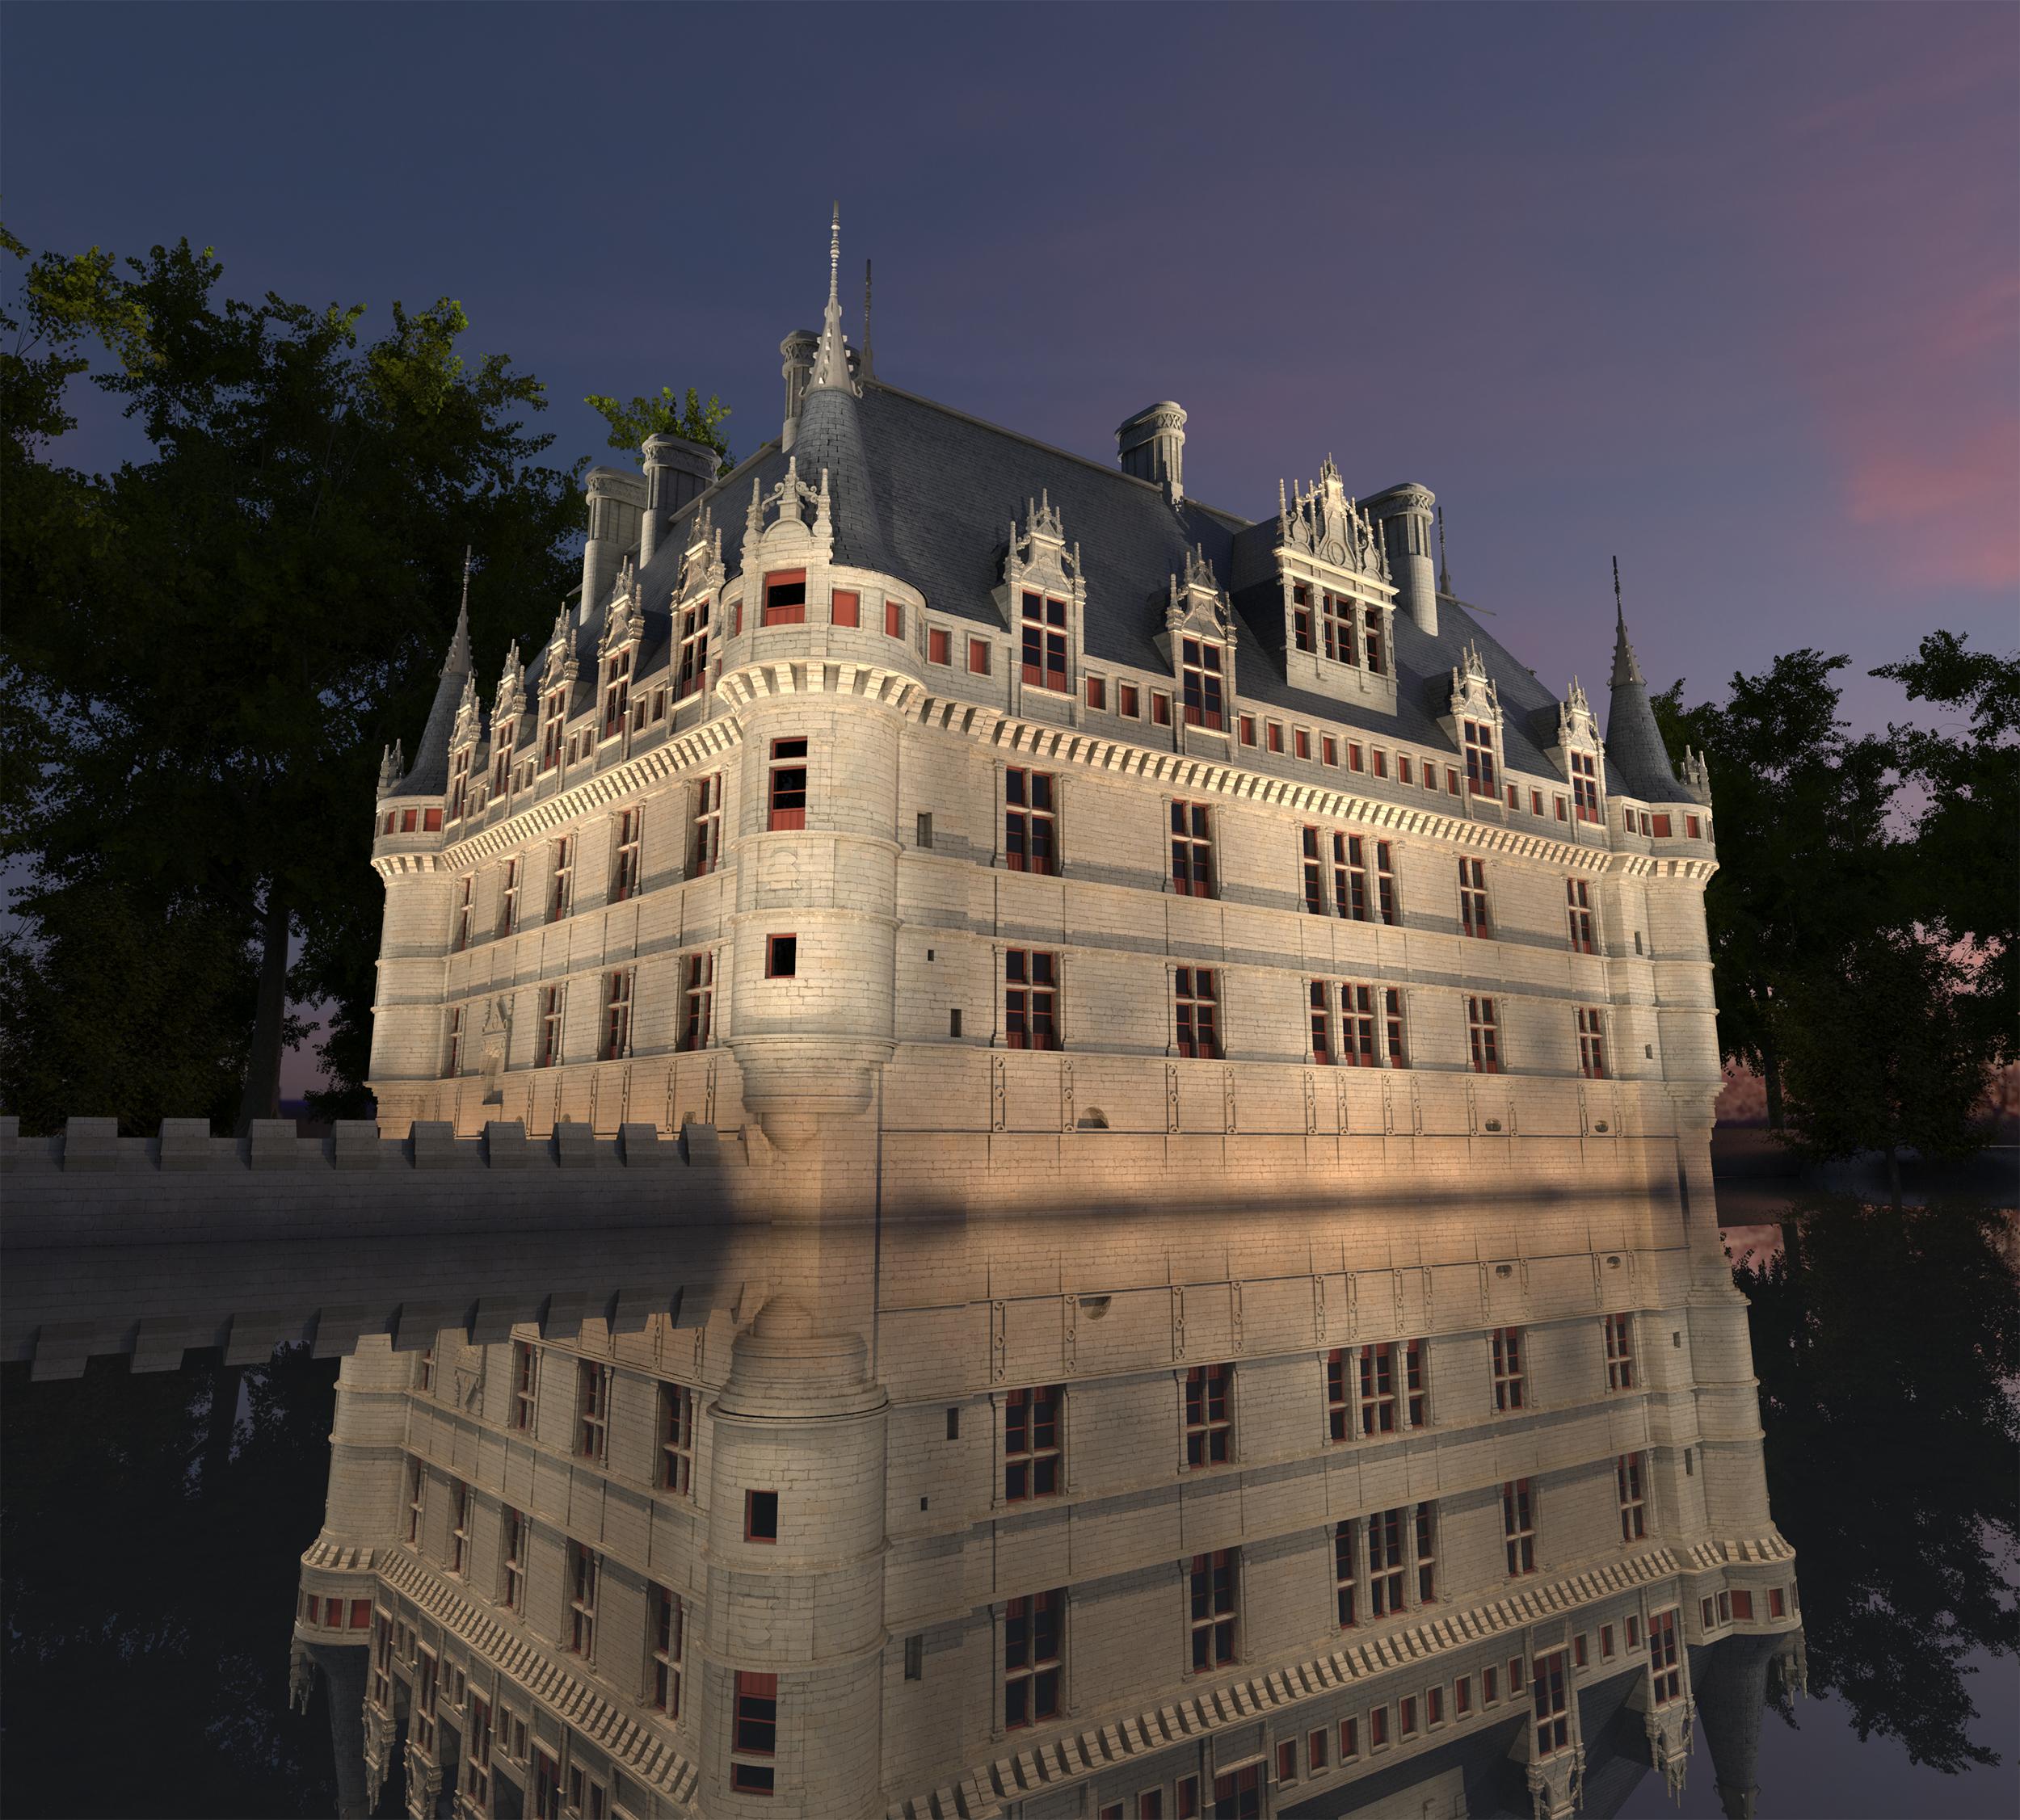 Dripmoon-archvis-graphiste3D-mise en lumiere-images-3D-Chateau-dazay